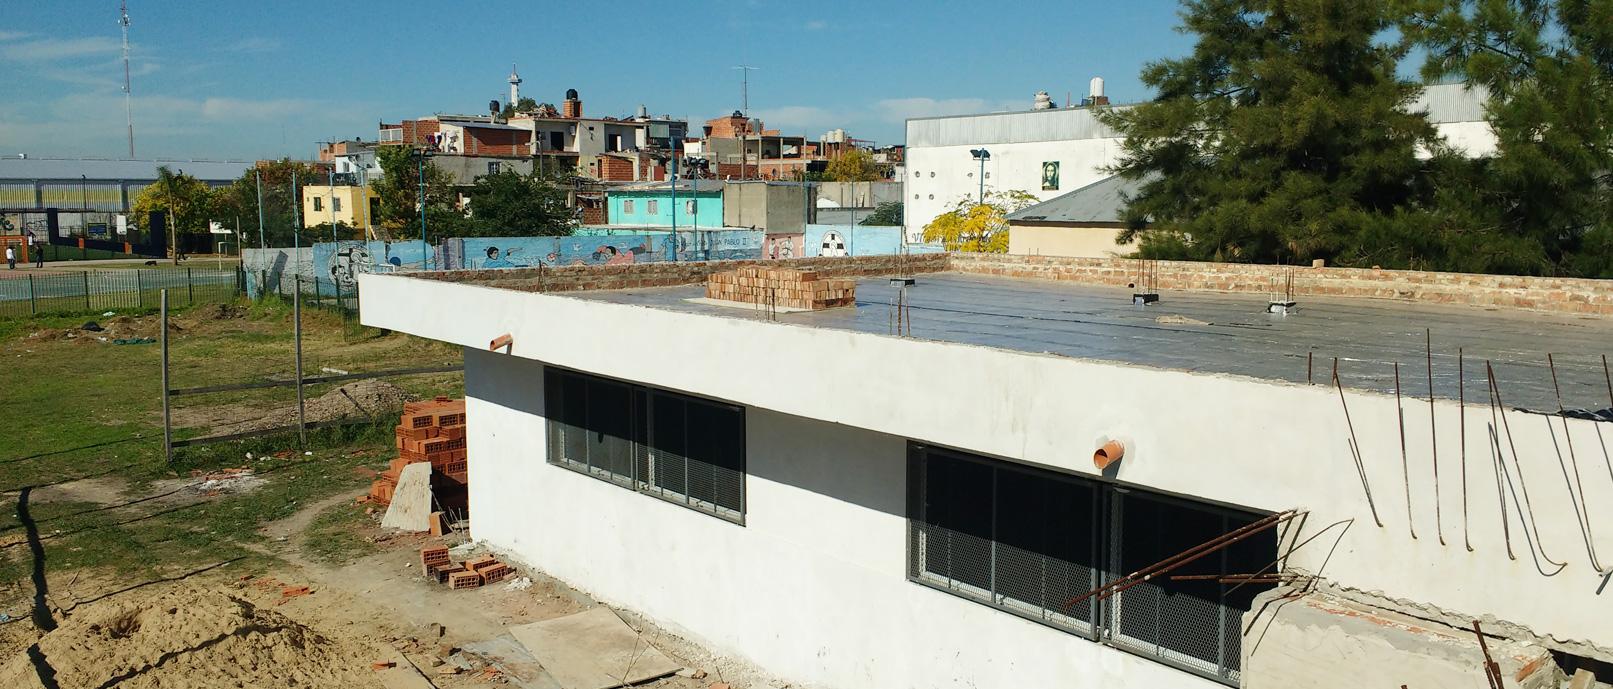 Acompa amiento en construcci n de escuela ingenier a sin for Proyectos de construccion de escuelas